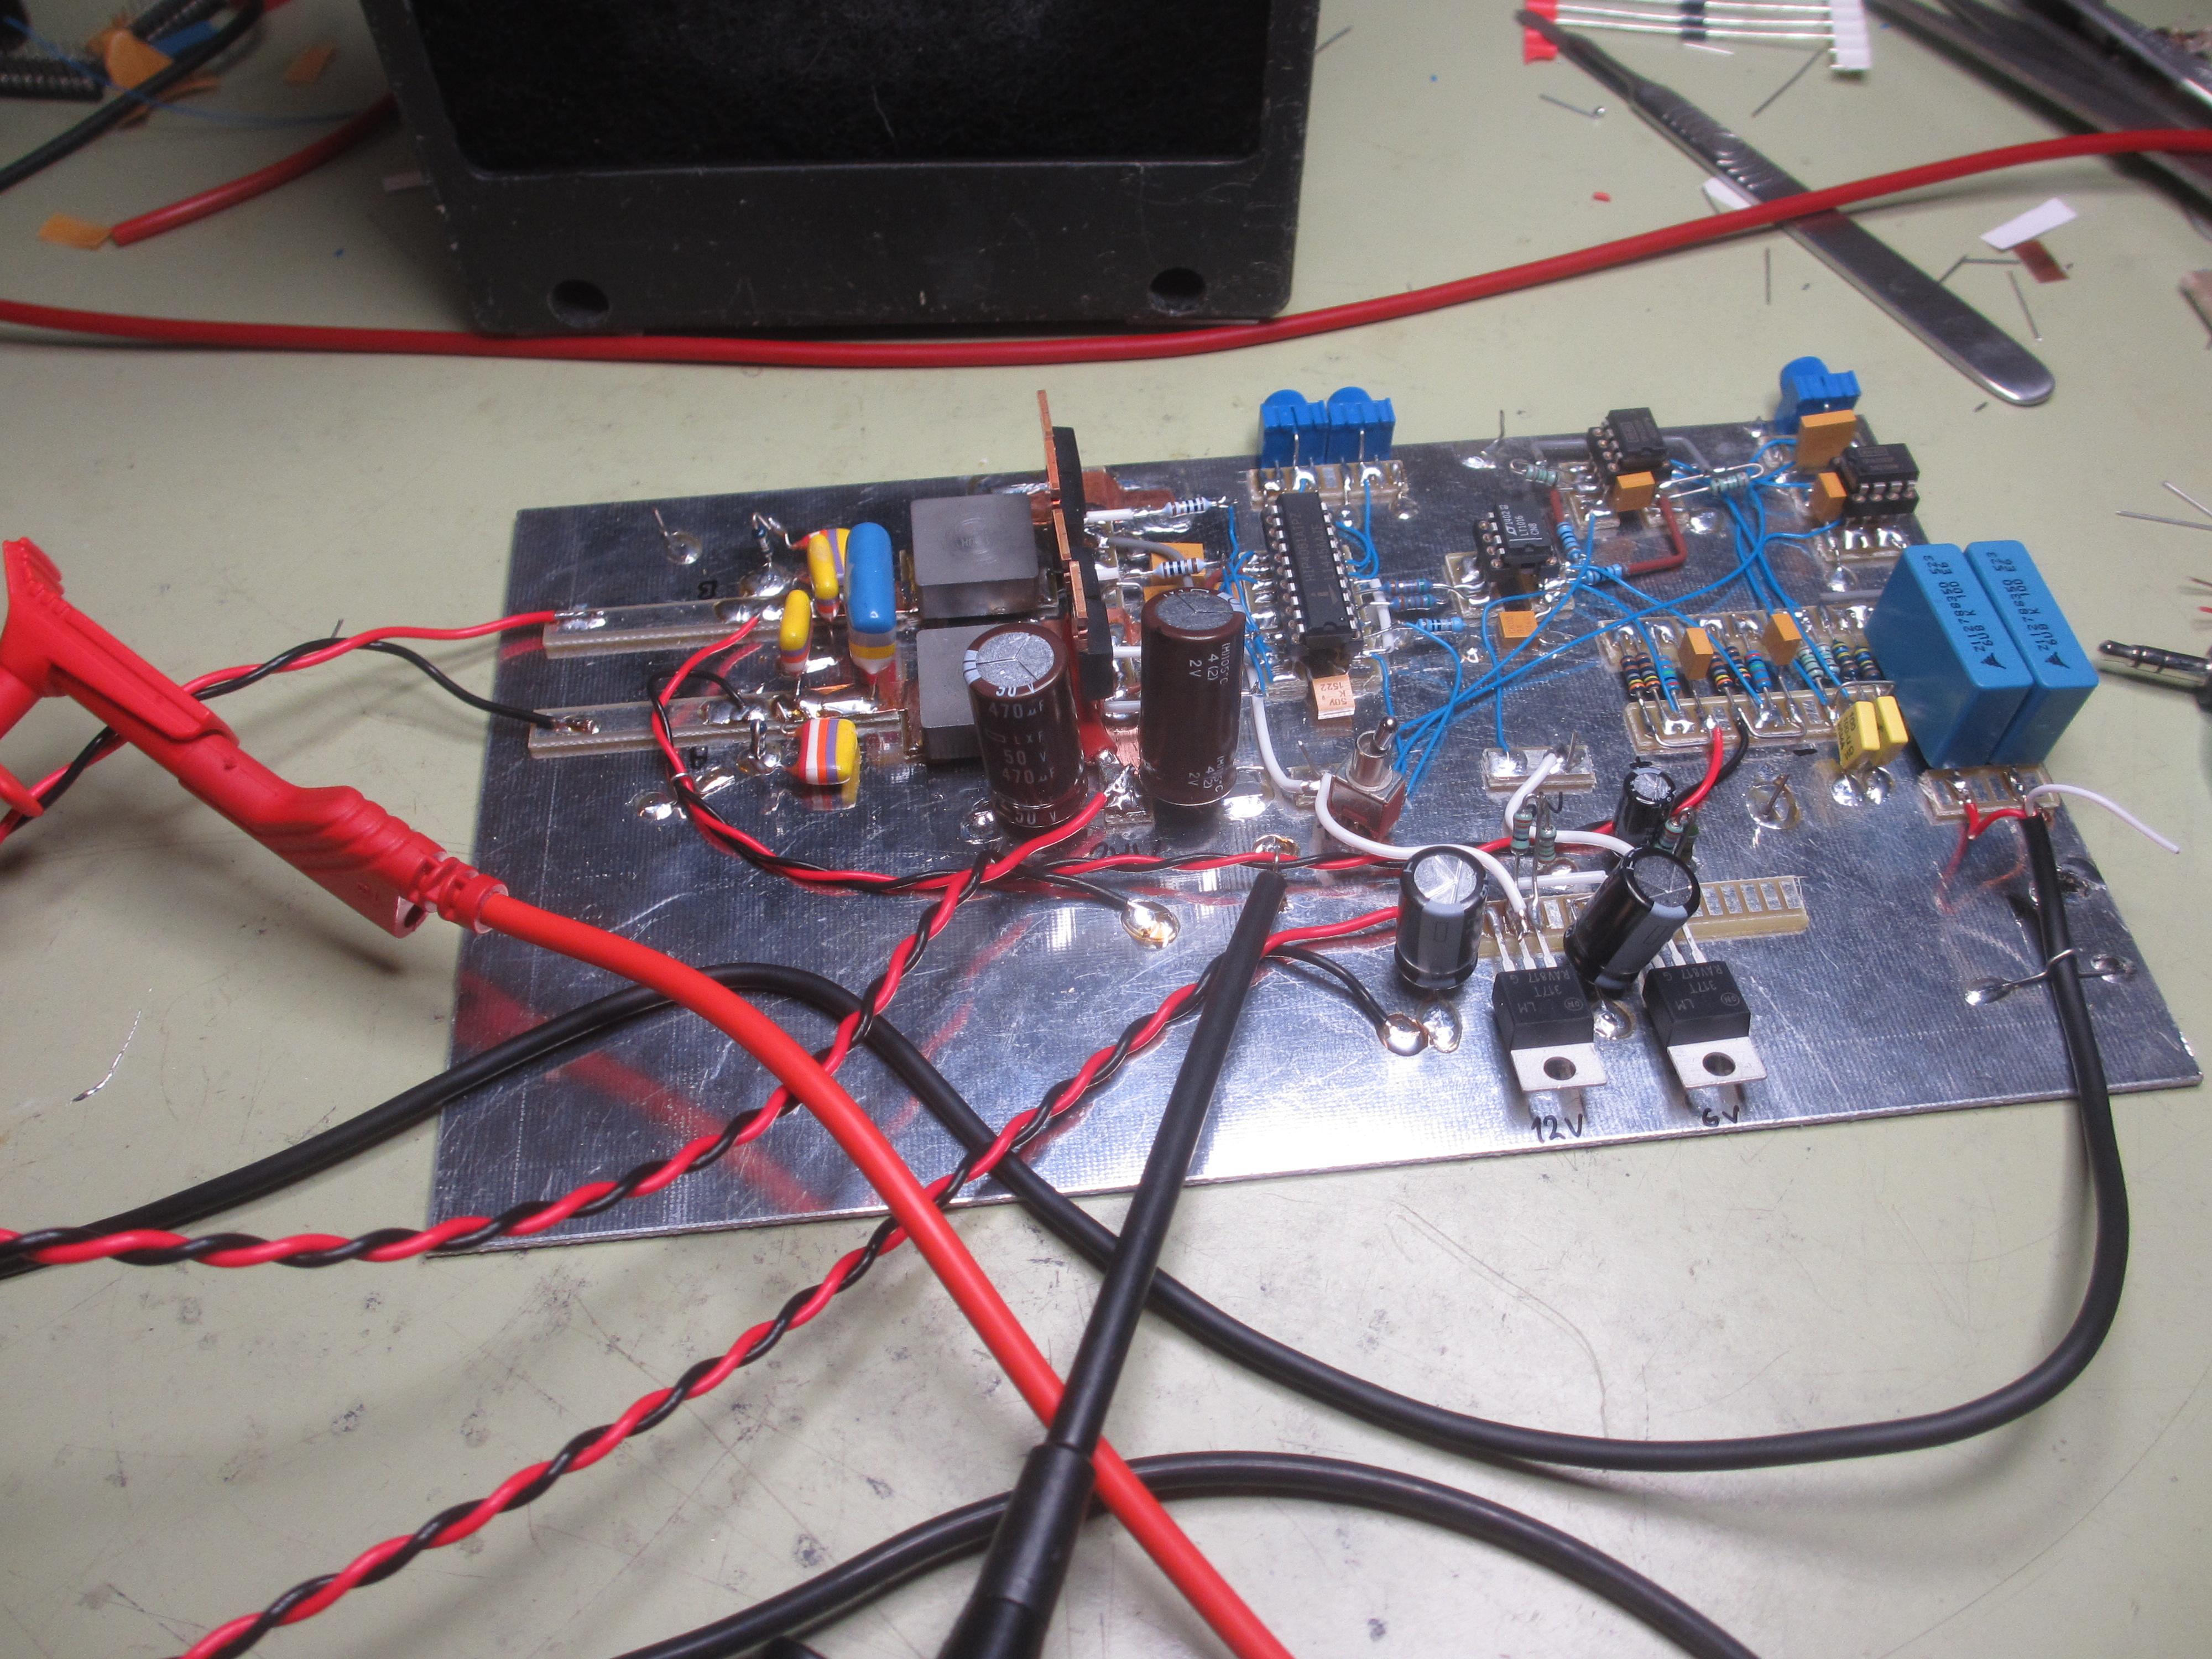 100W Class D Amplifier | Simon's SatCom Page